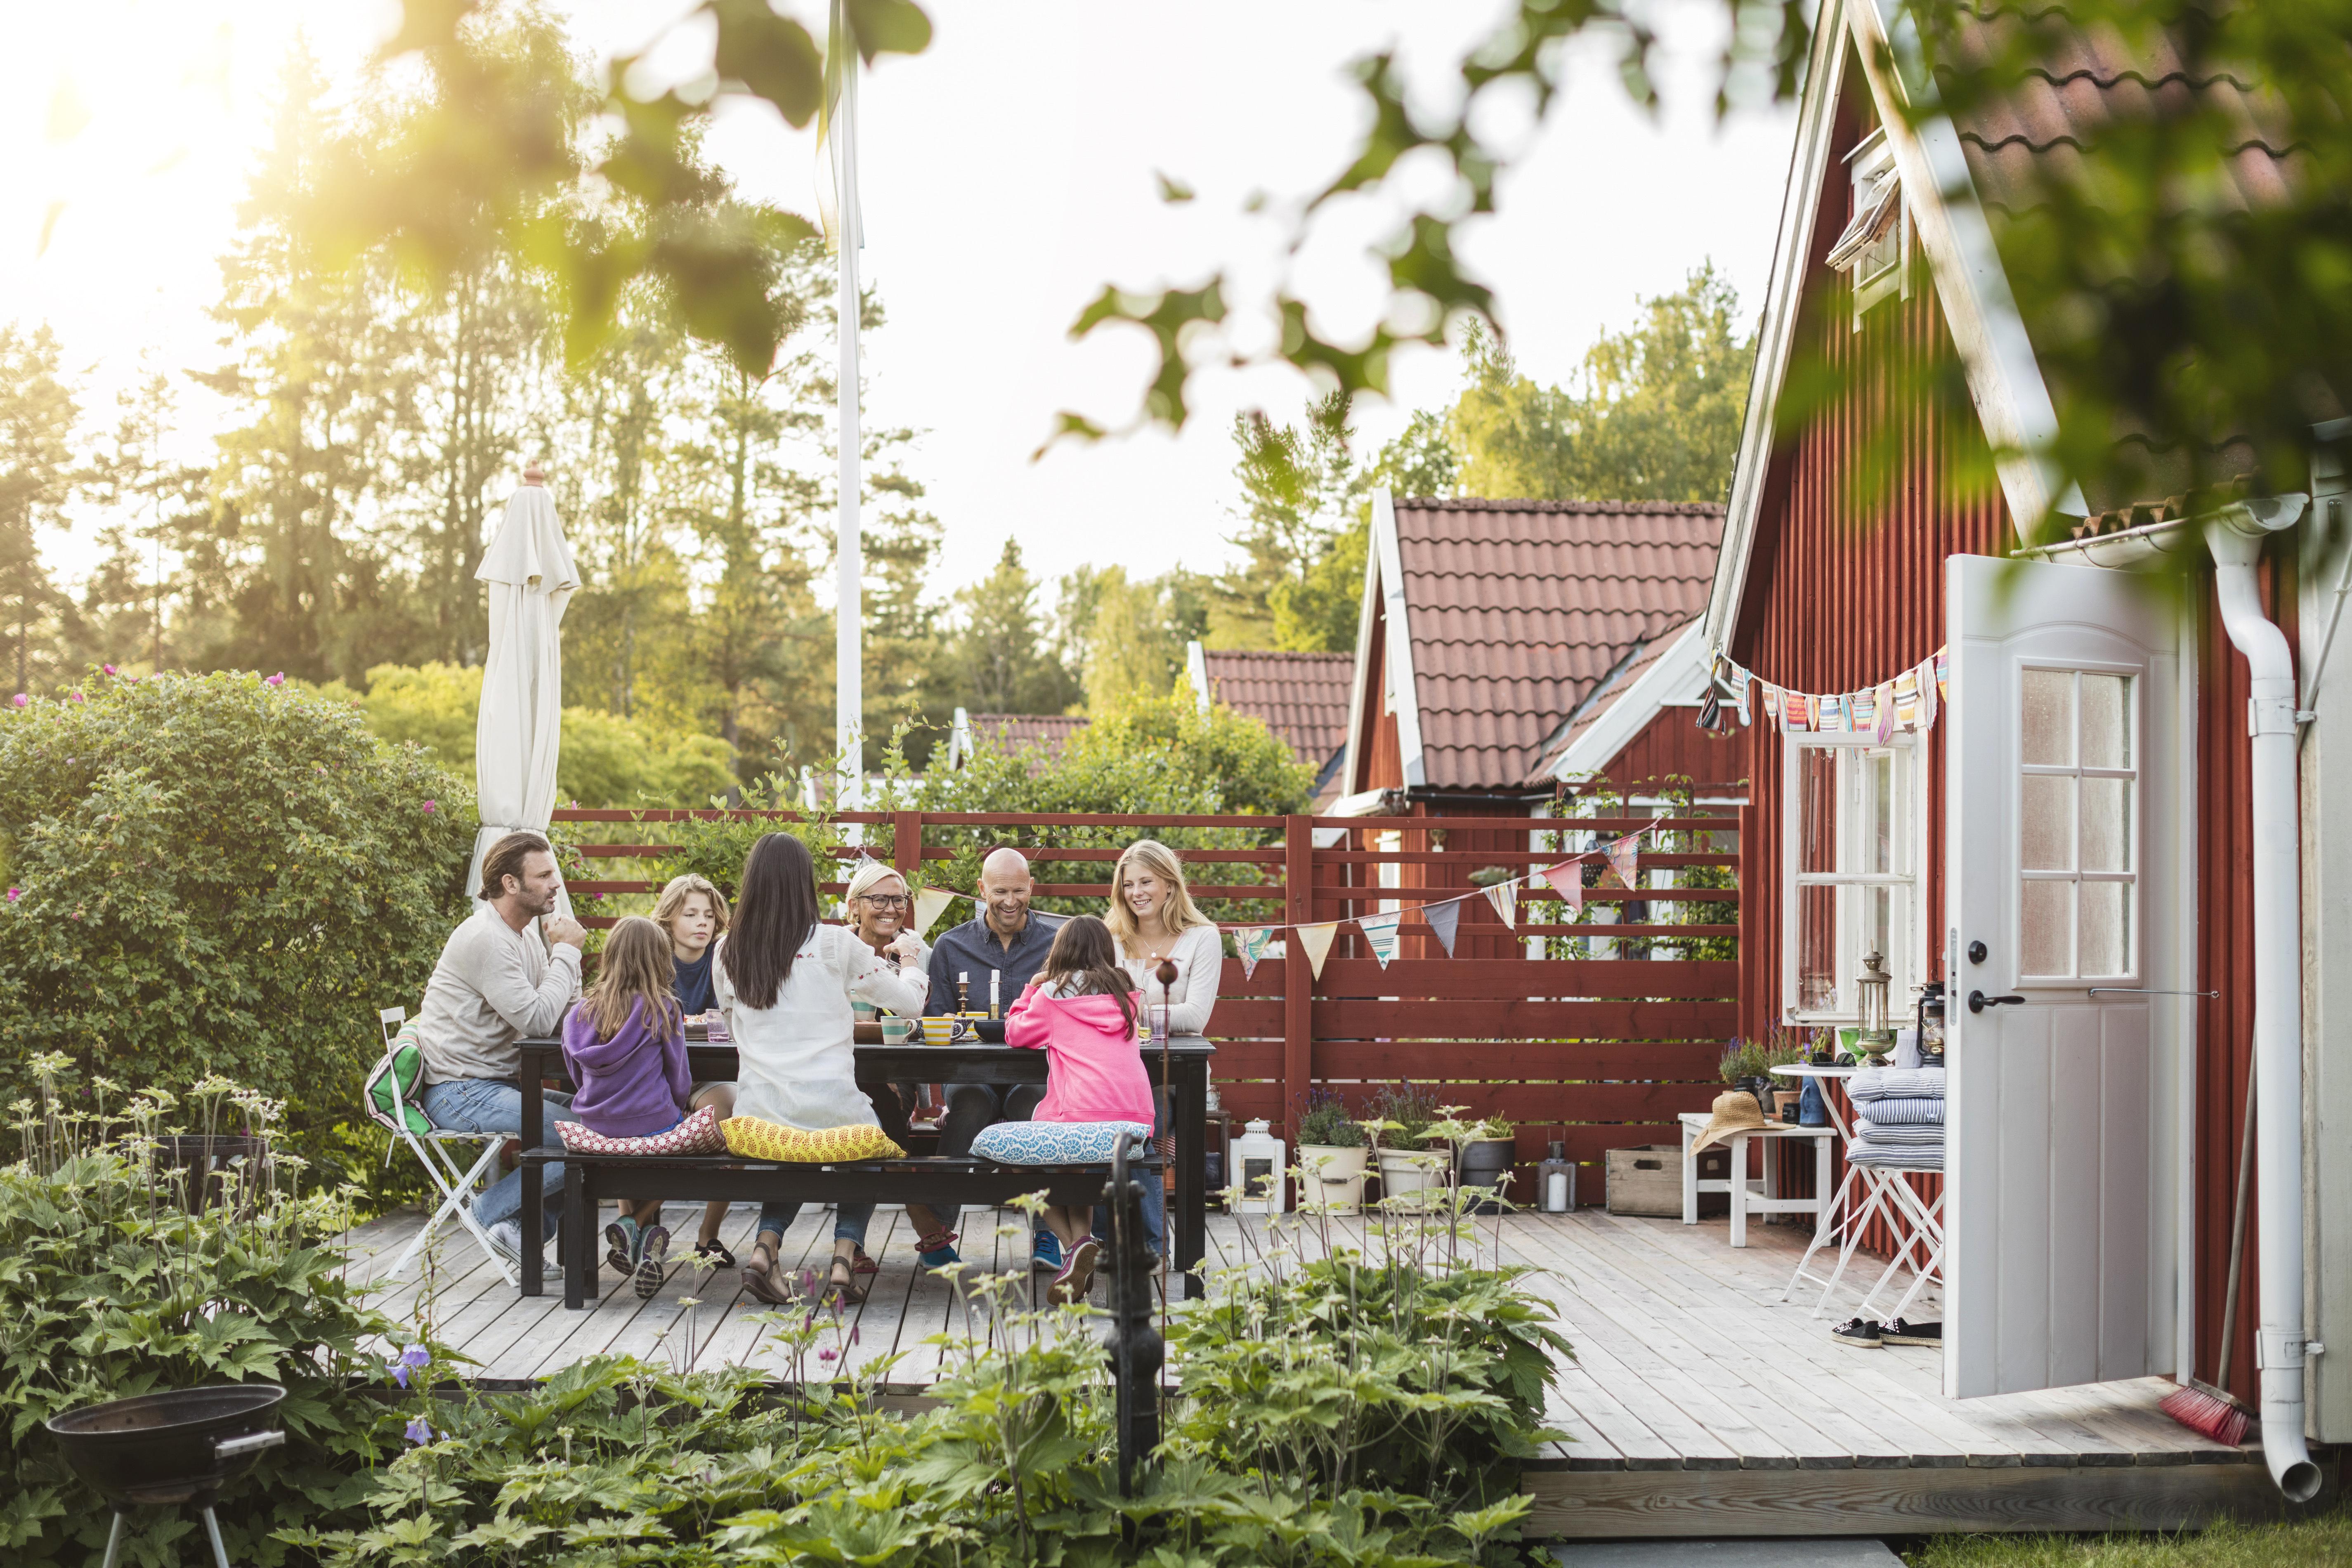 Mennesker sitter ved spisebord ute på veranda på baksiden av huset.